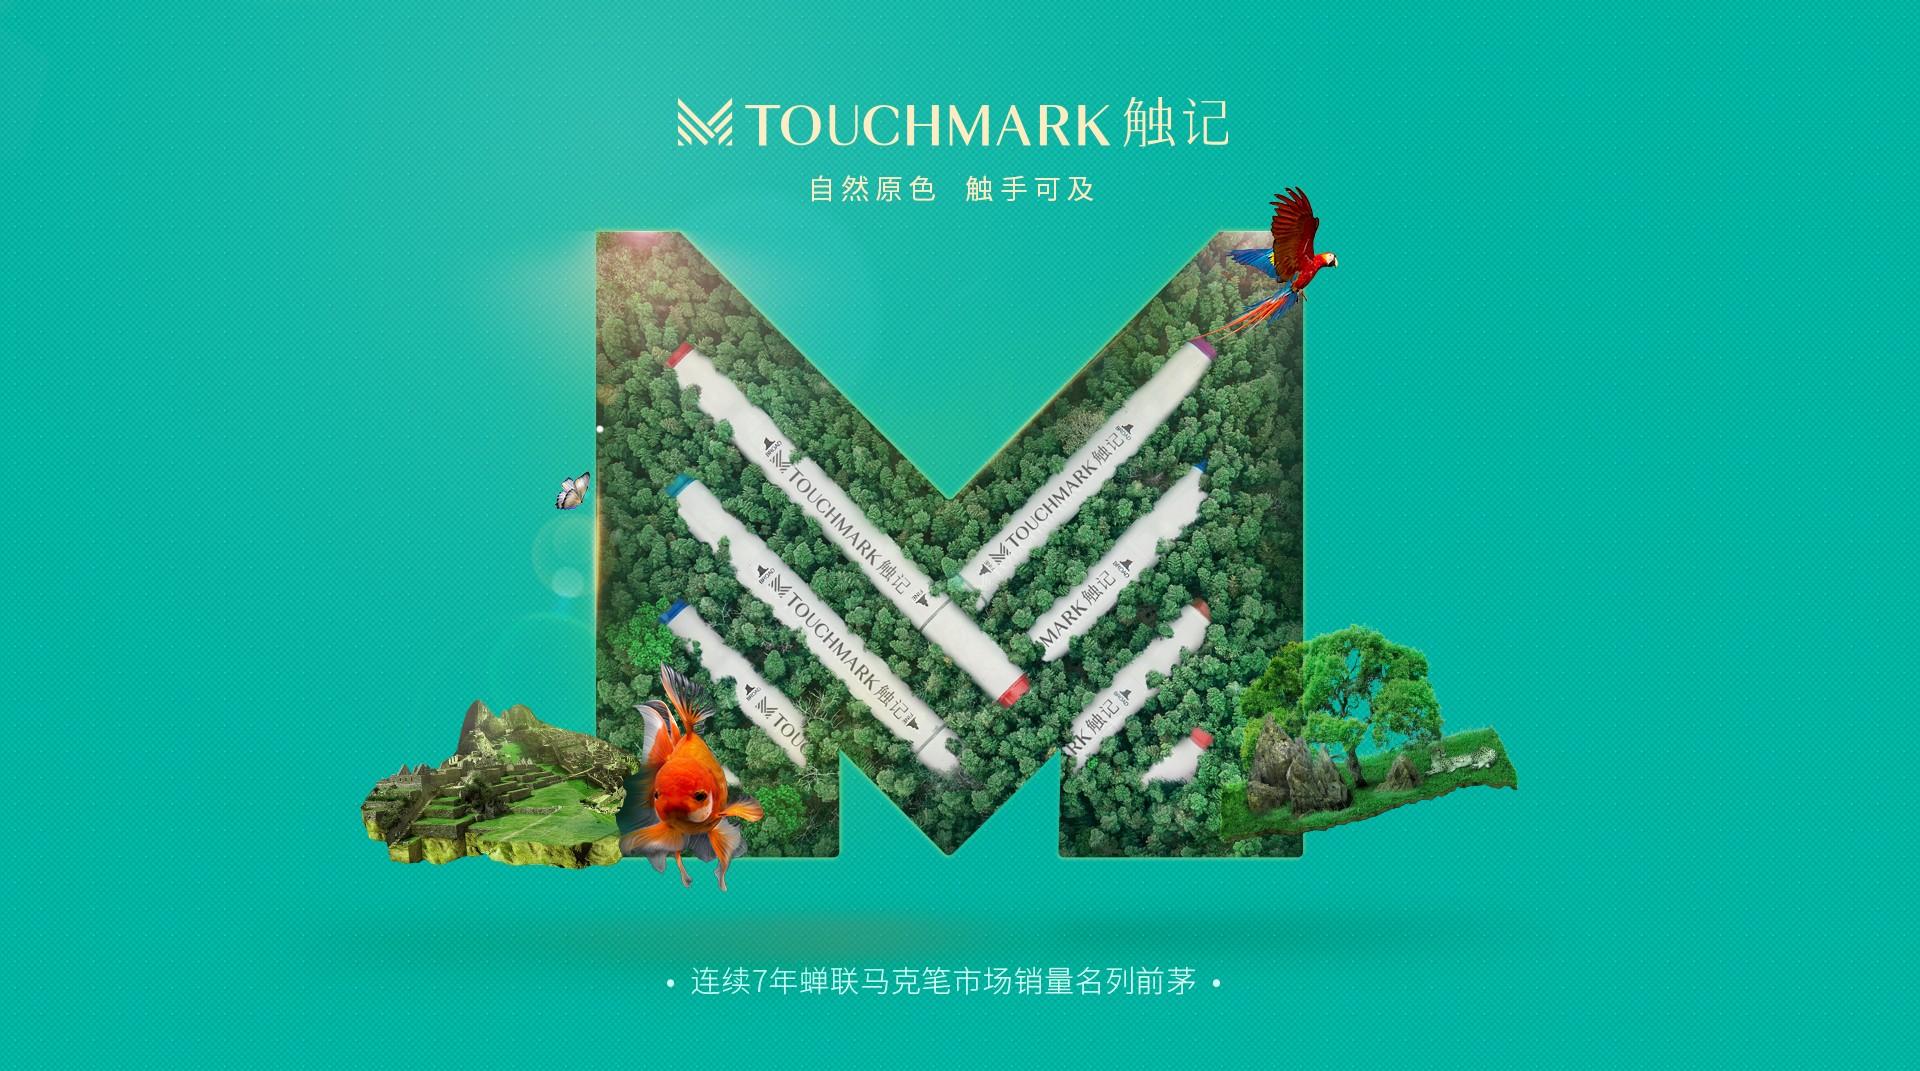 重磅消息:Touchmark品牌视觉全新升级啦!